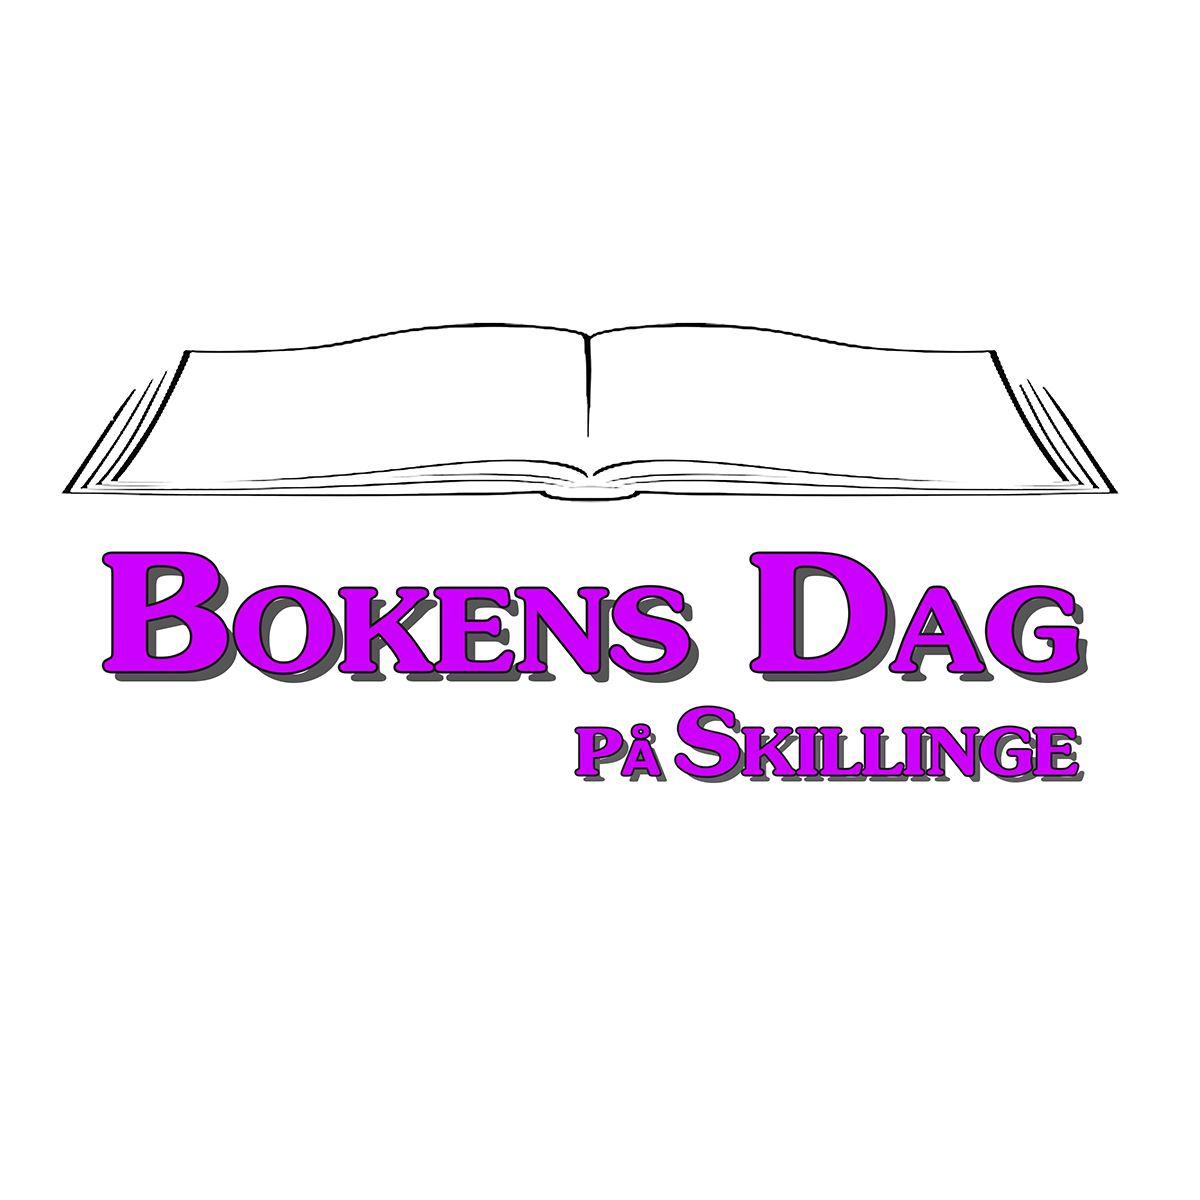 Bokens Dag på Skillinge